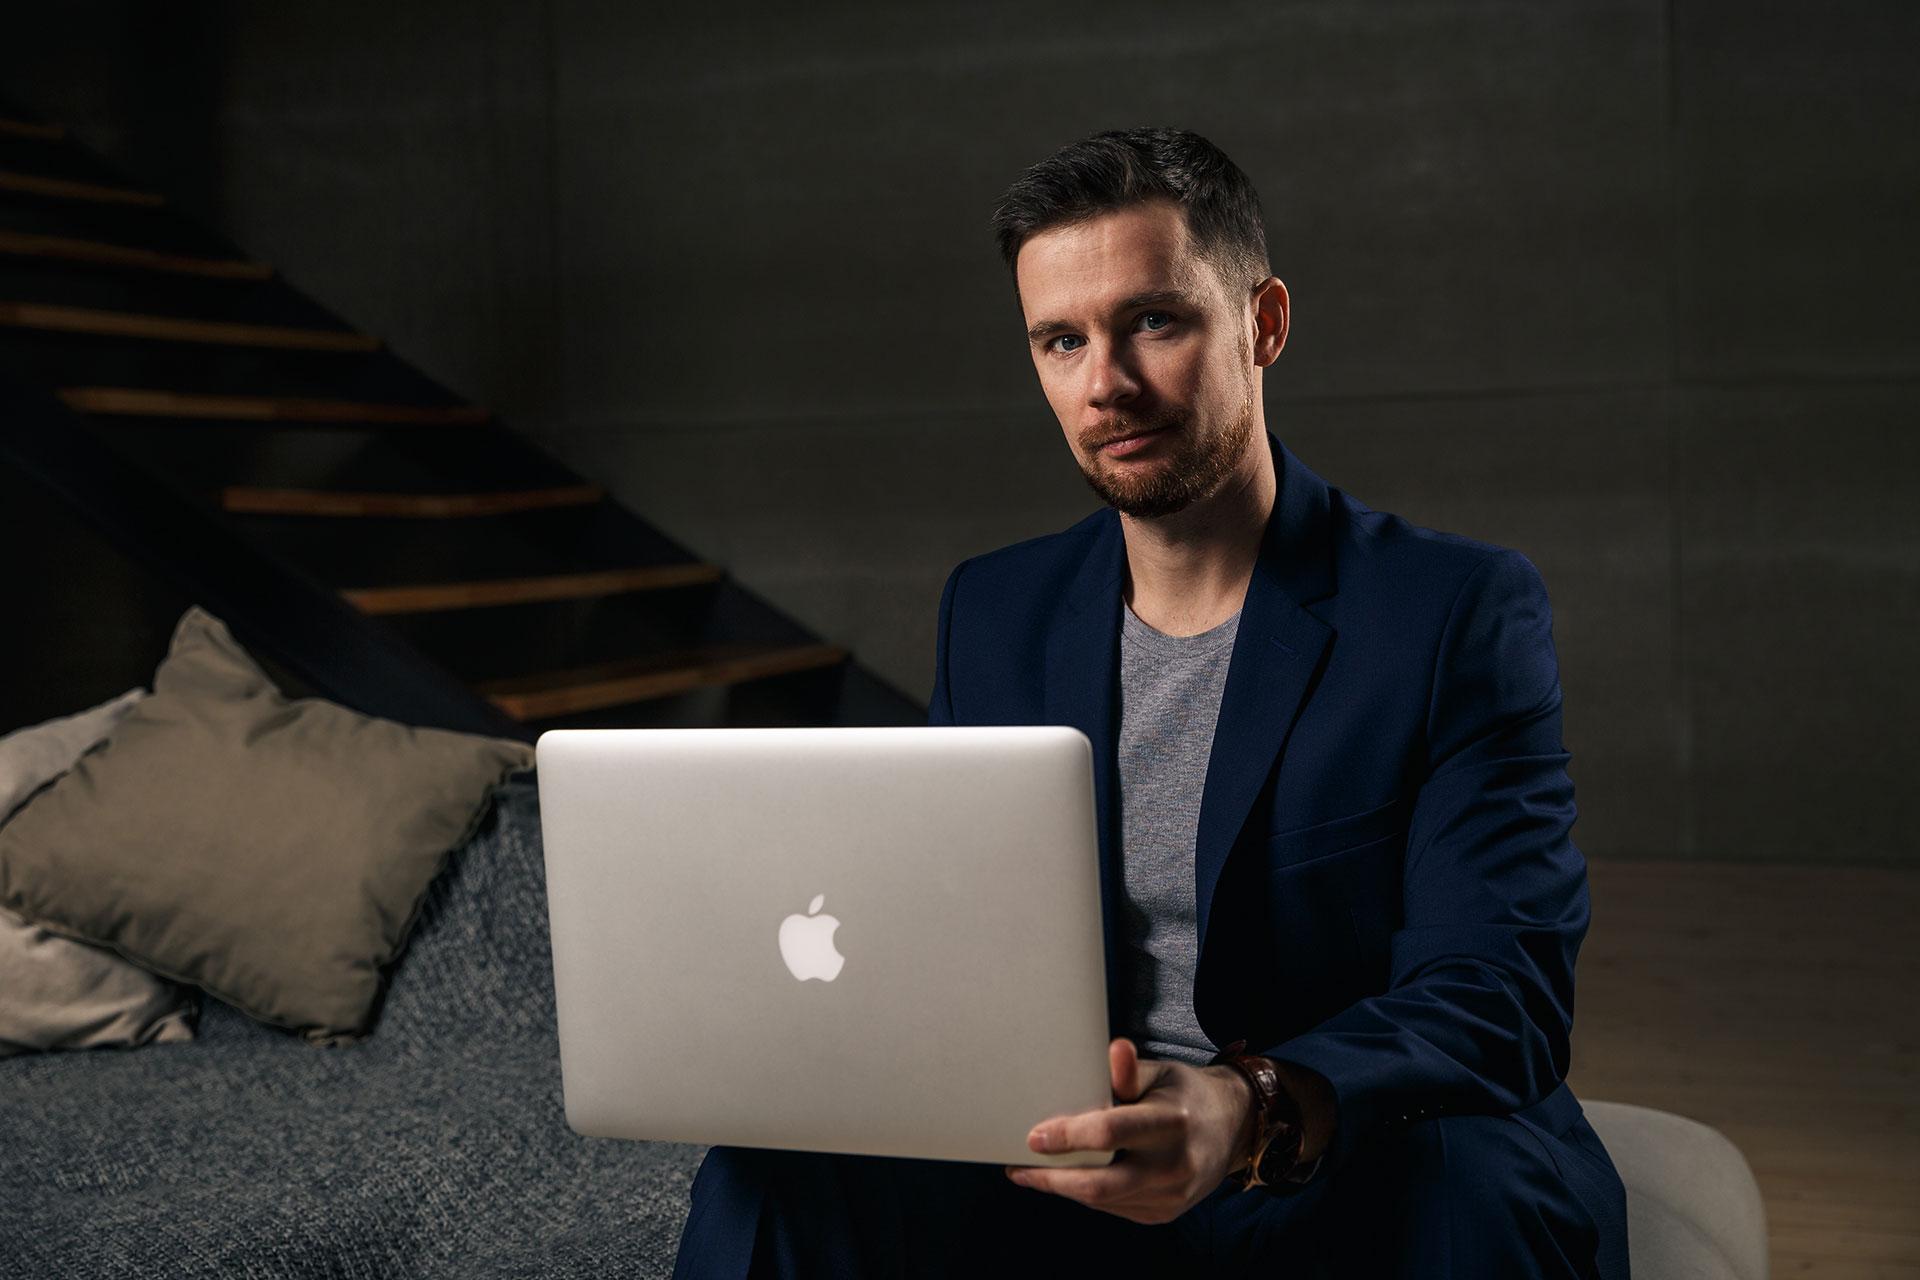 Александр Орлов. Как подготовить свой Instagram аккаунт к продажам